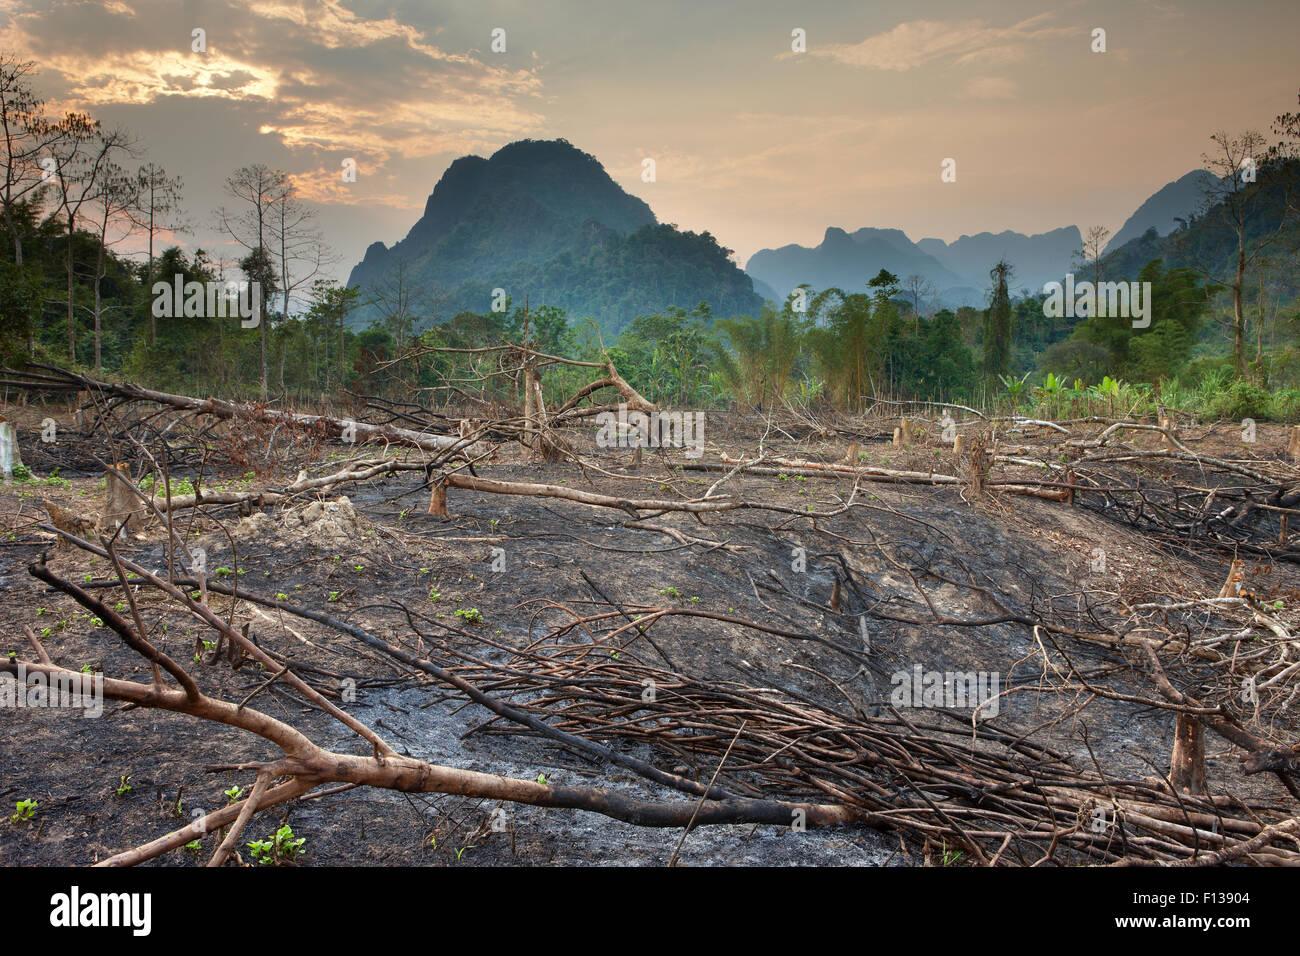 La tala y quema de la deforestación cerca de Vang Vieng, en Laos, en marzo de 2009. Imagen De Stock